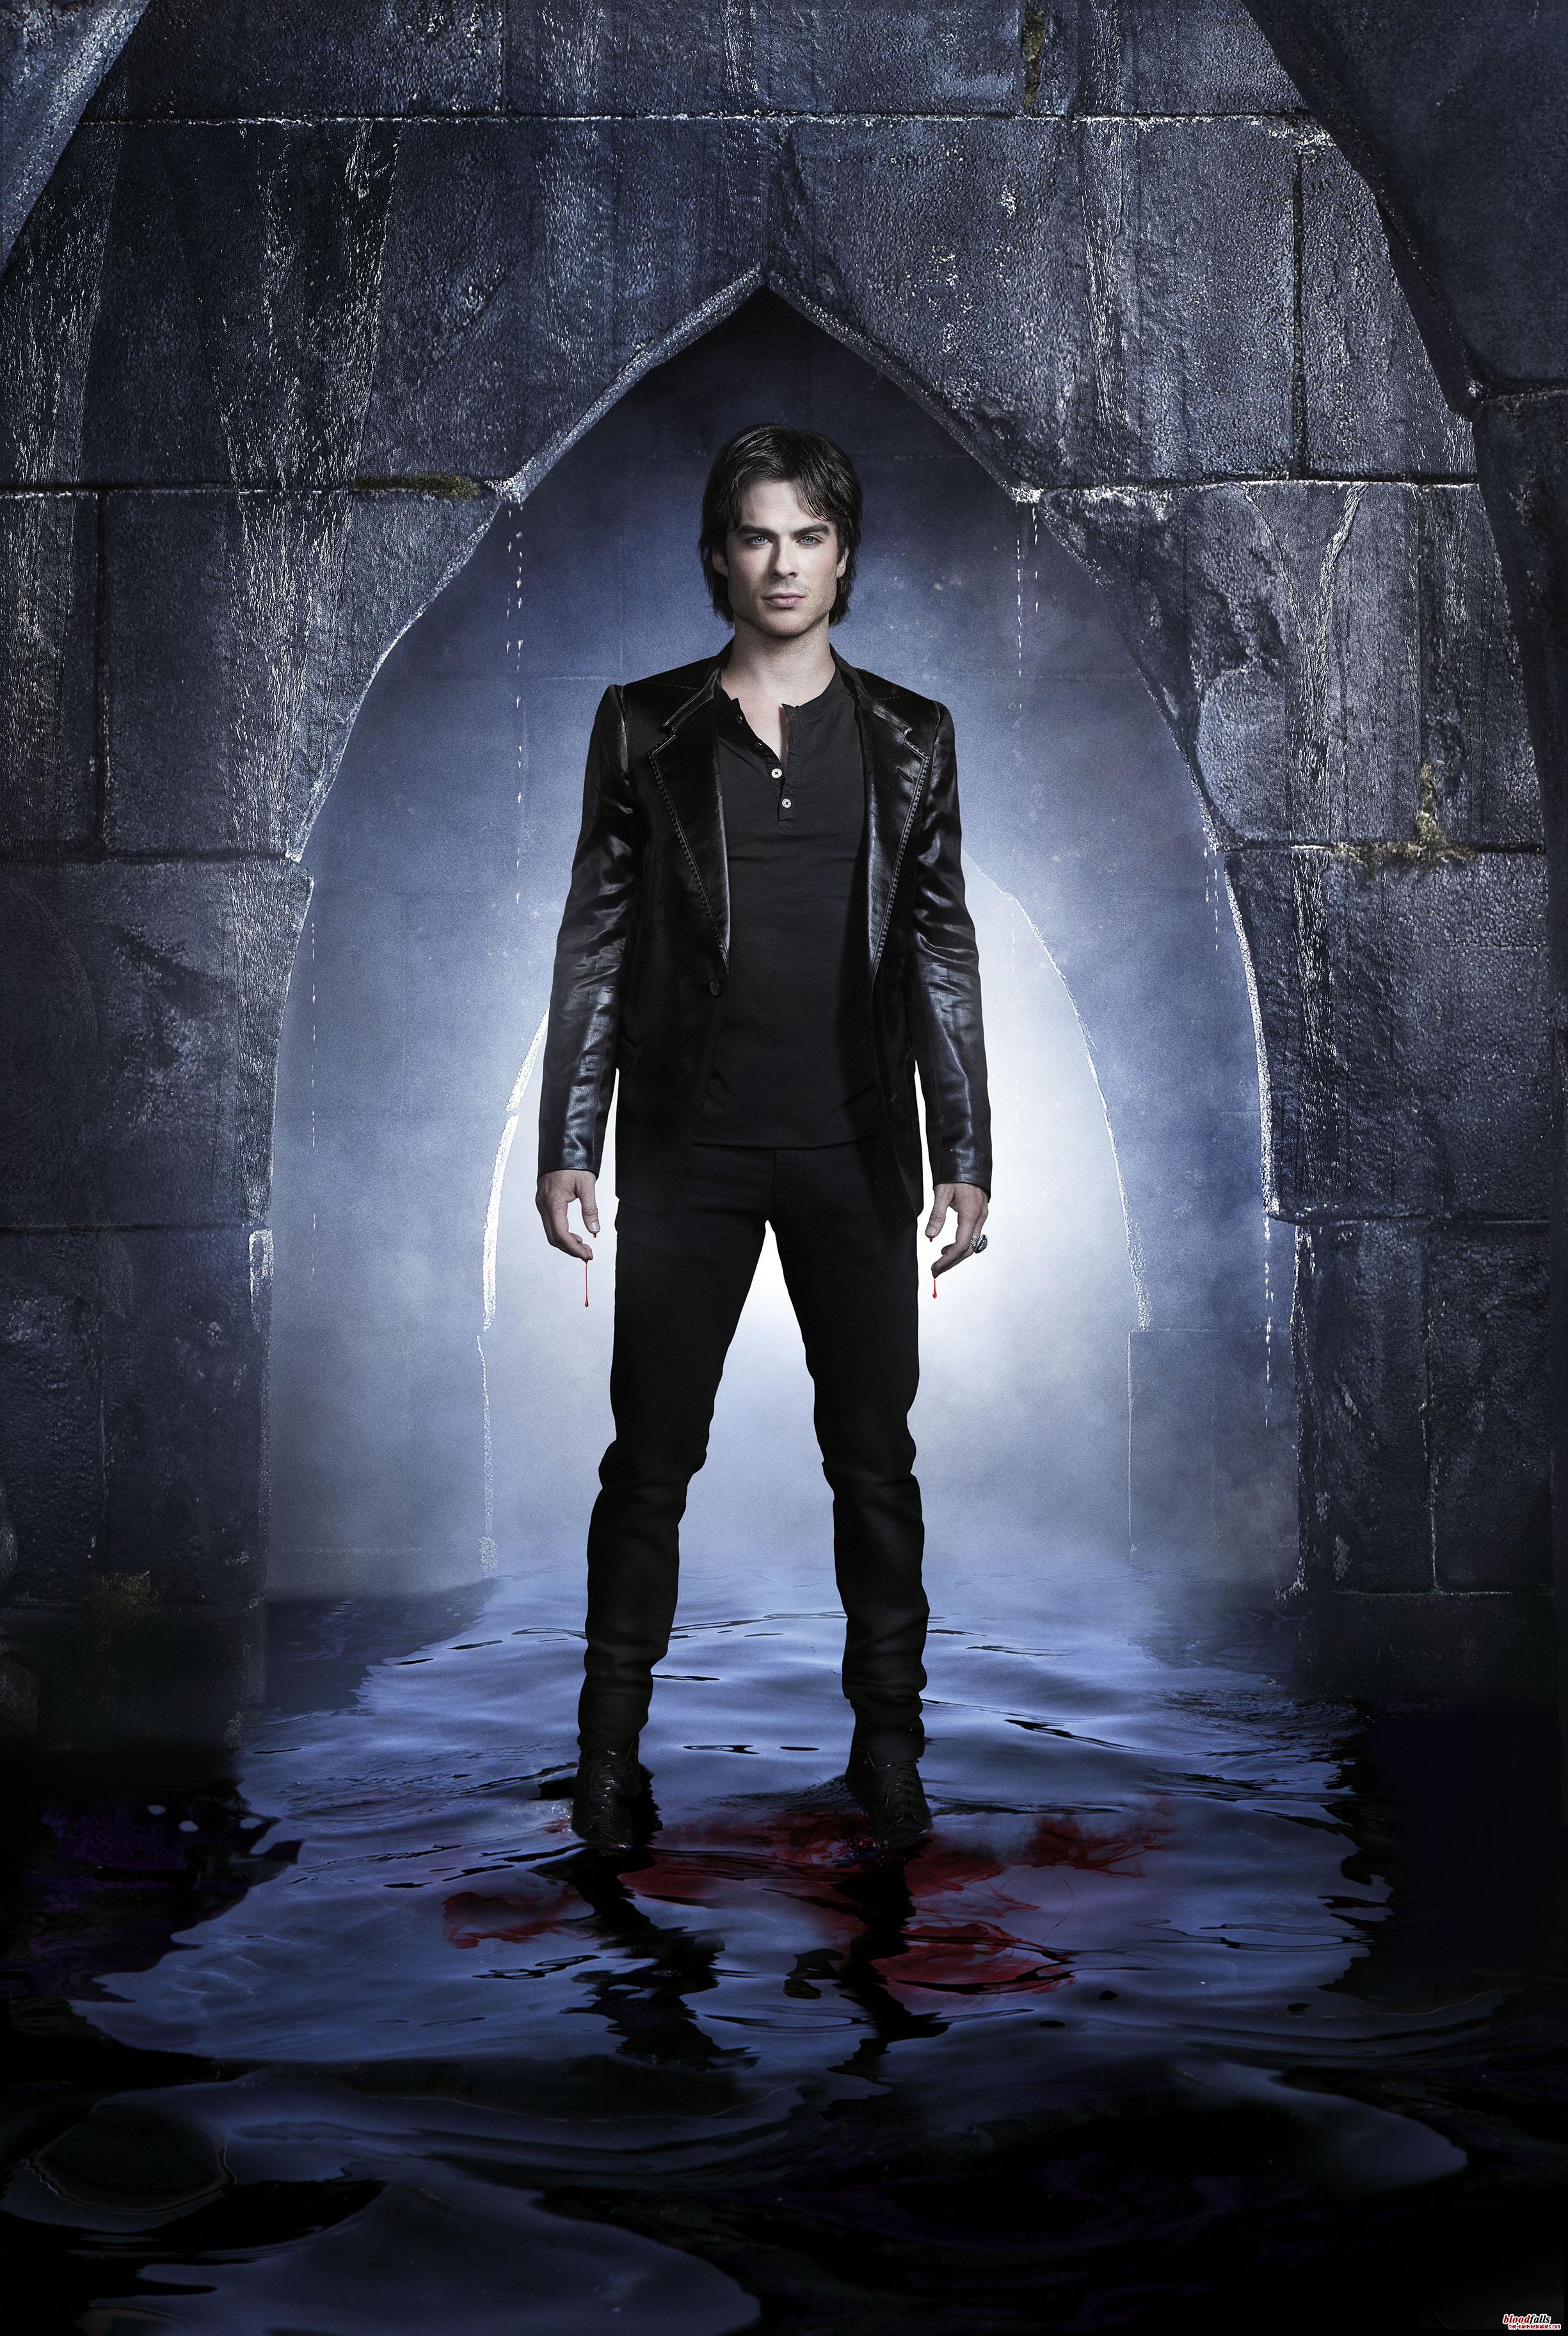 Vampire Diaries Damon